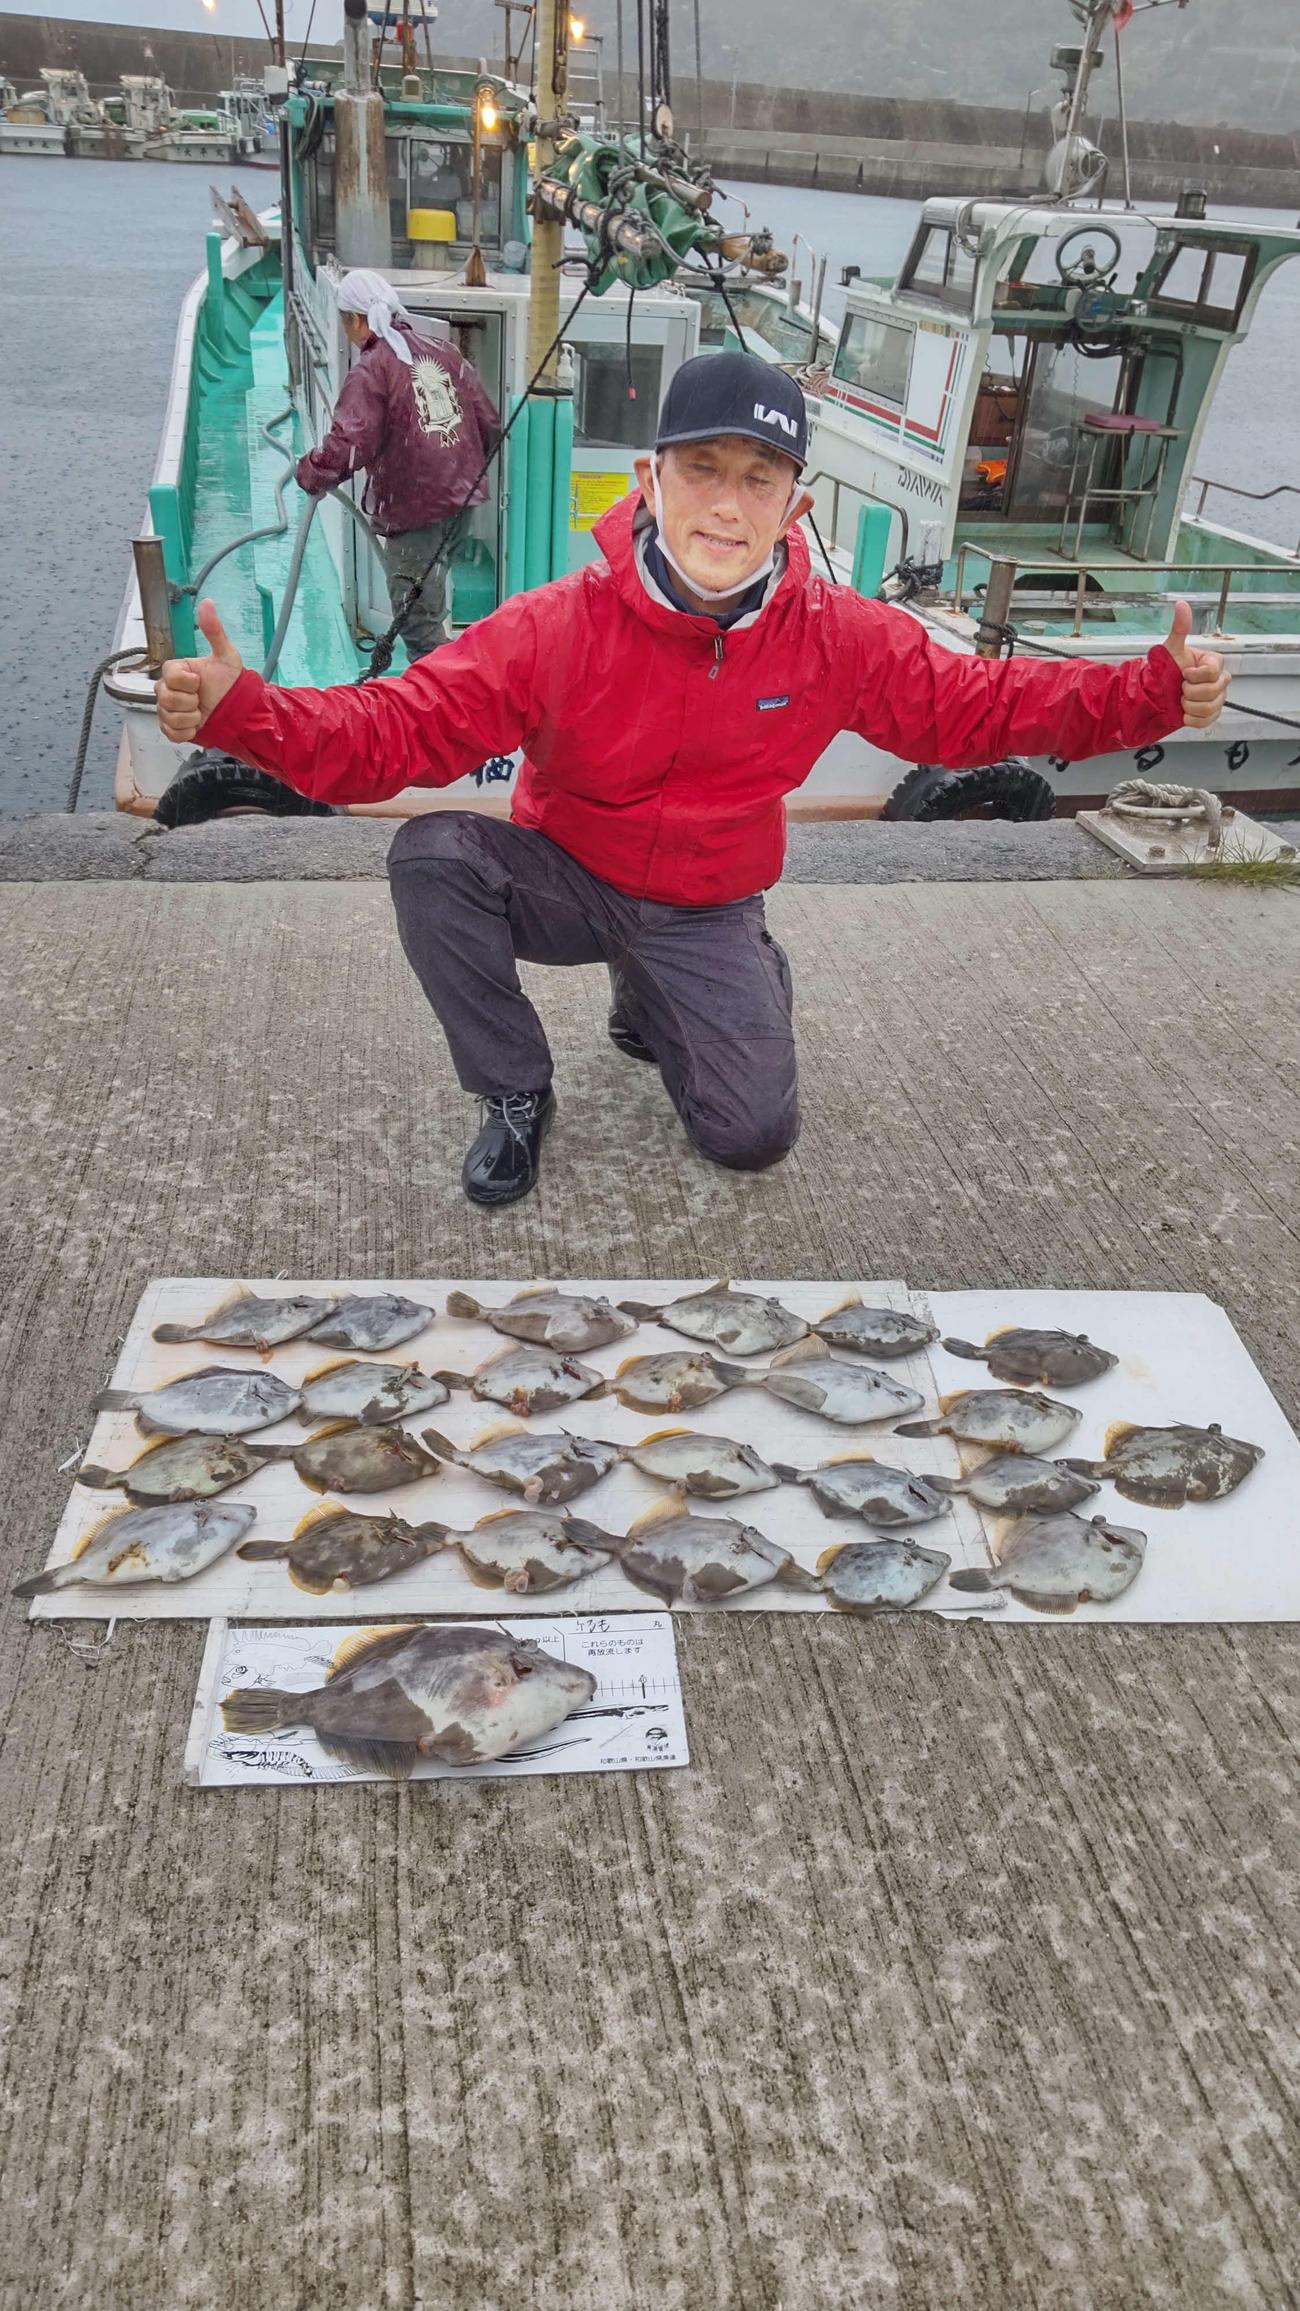 黒岩さんが35.5センチのカワハギを頭に25センチまでを27匹も釣っている